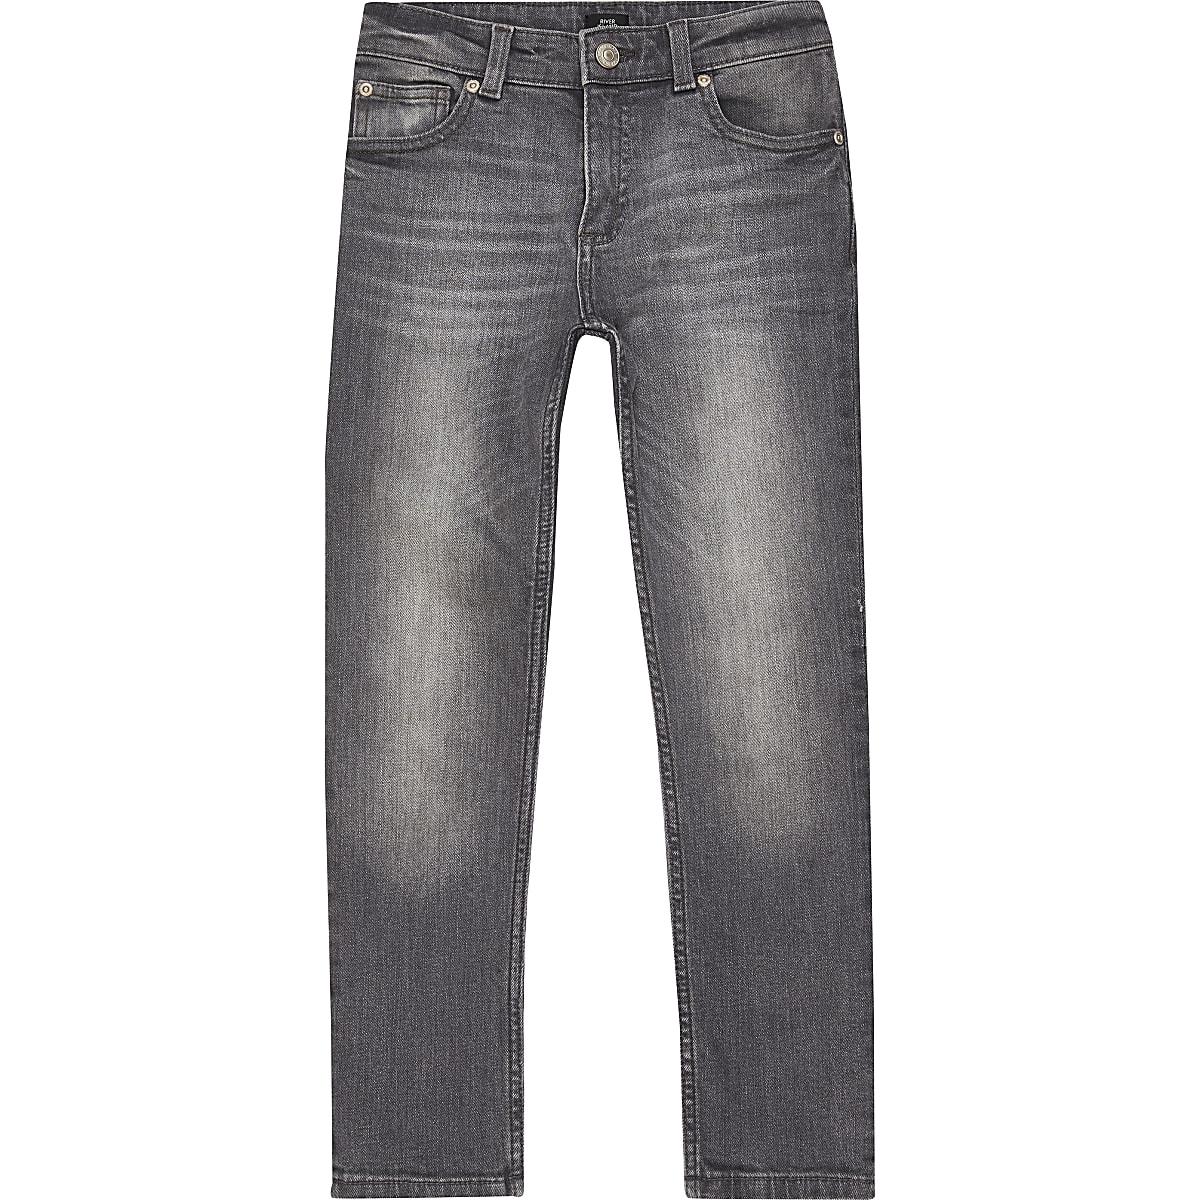 Sid - Grijze wash skinny jeans voor jongens